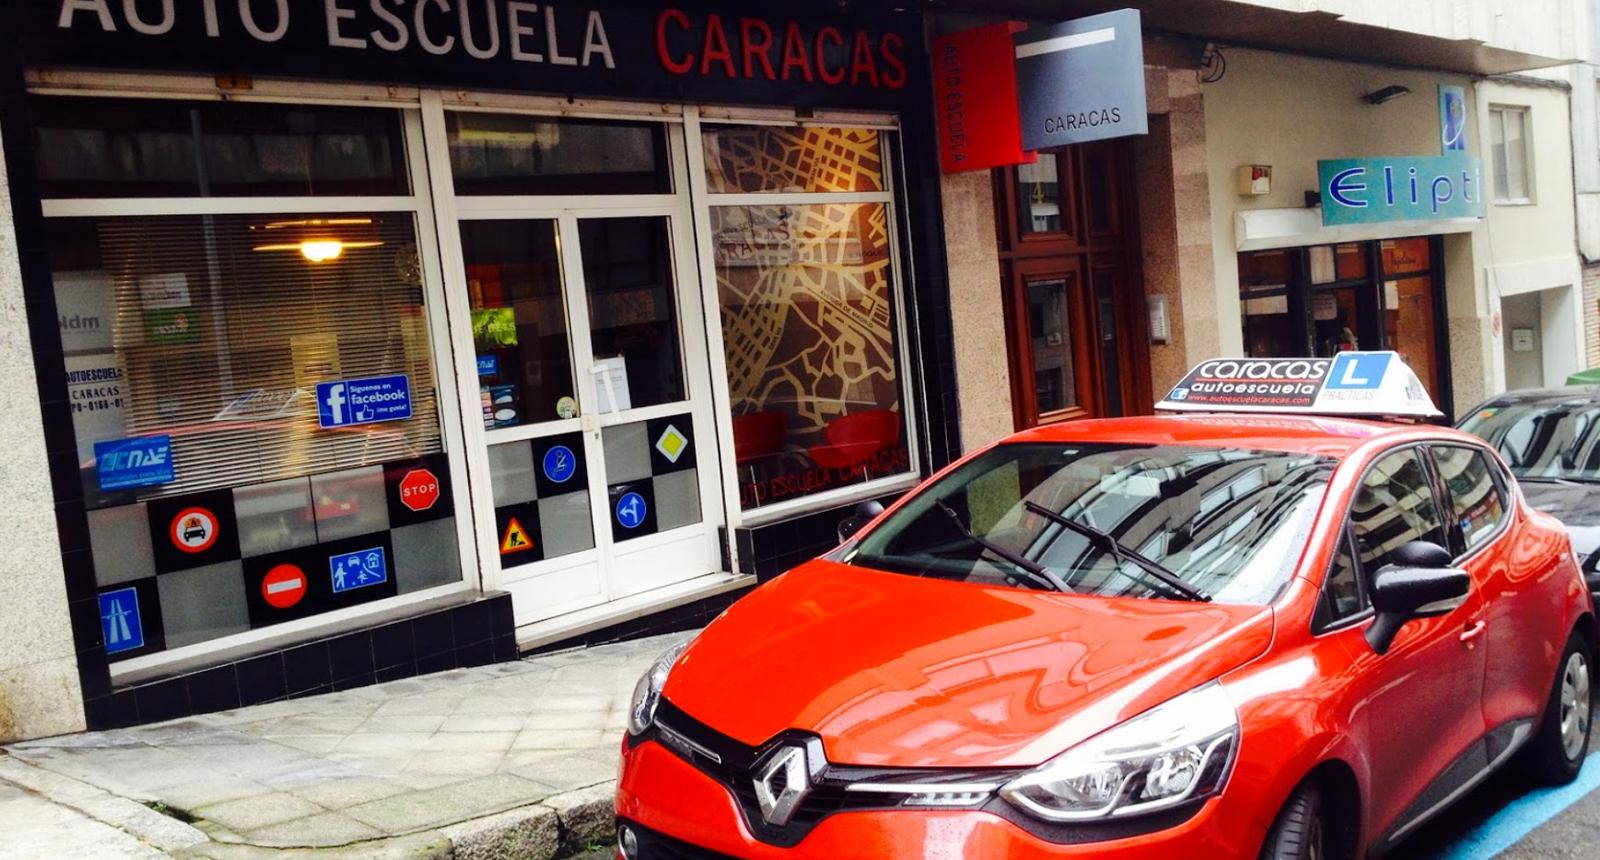 Autoescuela_Caracas_Vigo_Exterior